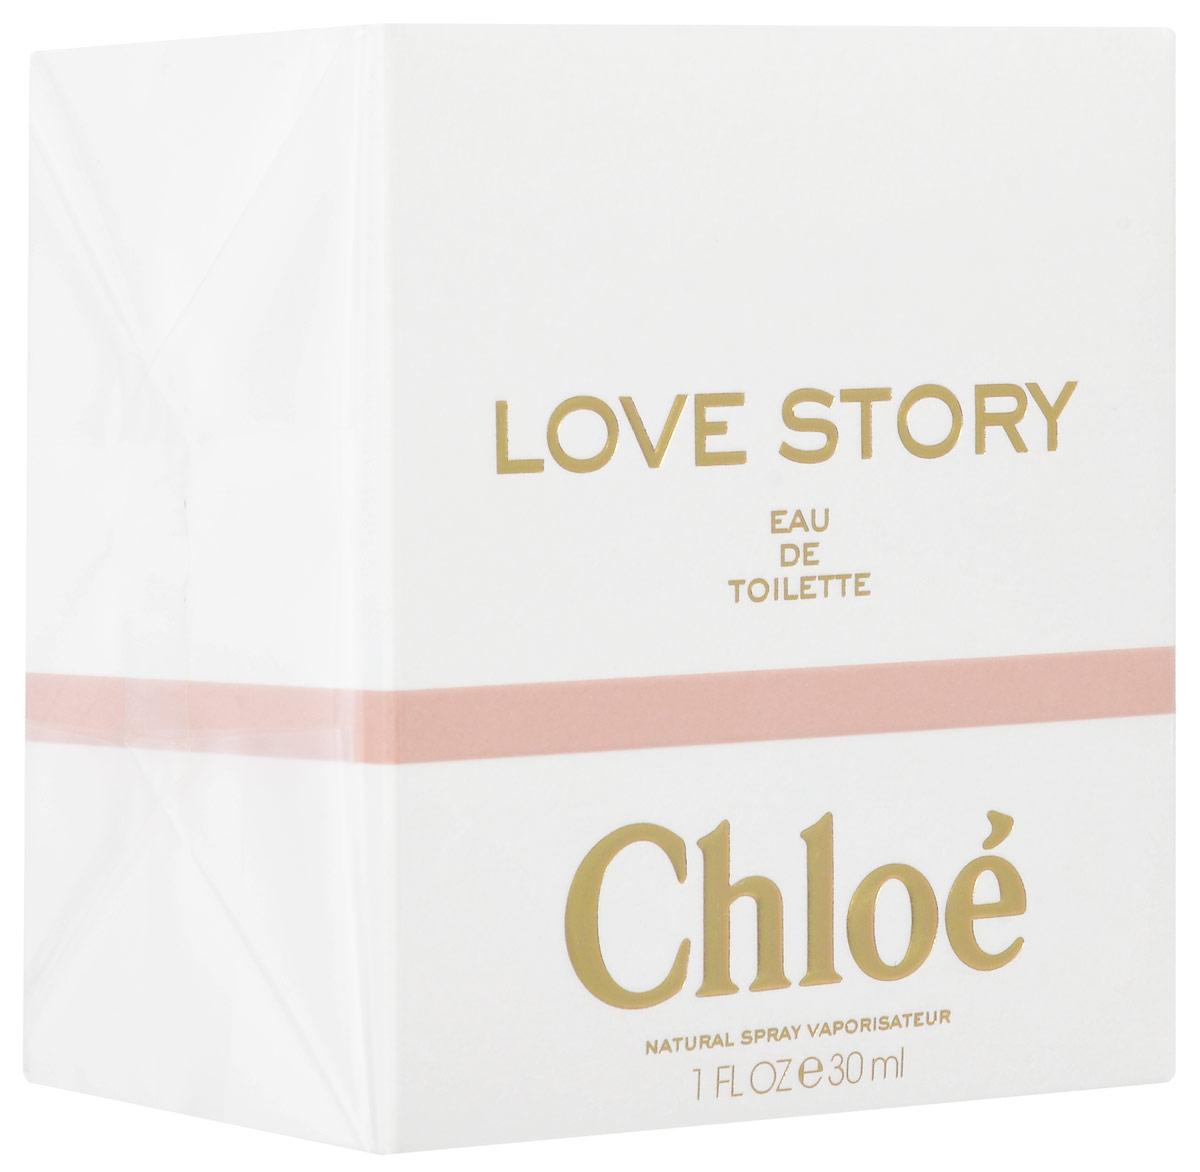 Chloe Love Story Туалетная вода женская 30 мл1301028Особенное утро, наполненное сверкающим светом. Нежный цветочный аромат бутонов апельсина сливается со свежестью утренней росы. Она вспоминает их смех. Искры настурции, легкая перчинка - эти ноты заставляют ее трепетать от неги. Этот цветок - символ любви, который дается лишь тому, кто готов открыть своё сердце. Воспоминания о пламенном свидании в пустом городе, они - рука об руку. Настоящая близость. Цветущая слива раскрывает природную чувственность. Невероятно изысканное звучание, обрамленное цветочными нотами. Туалетная вода Chloe Love Story - это новая история любви. Свежий, цветочный и очень чувственный аромат. Чистый соблазн, нанесенный на кожу.Верхняя нота: Бергамот; ноты сердца: Апельсин, Слива, Настурция, Ландыш.Средняя нота: Роза.Шлейф: белый мускус.Цветущая слива раскрывает природную чувственность.Дневной и вечерний аромат.